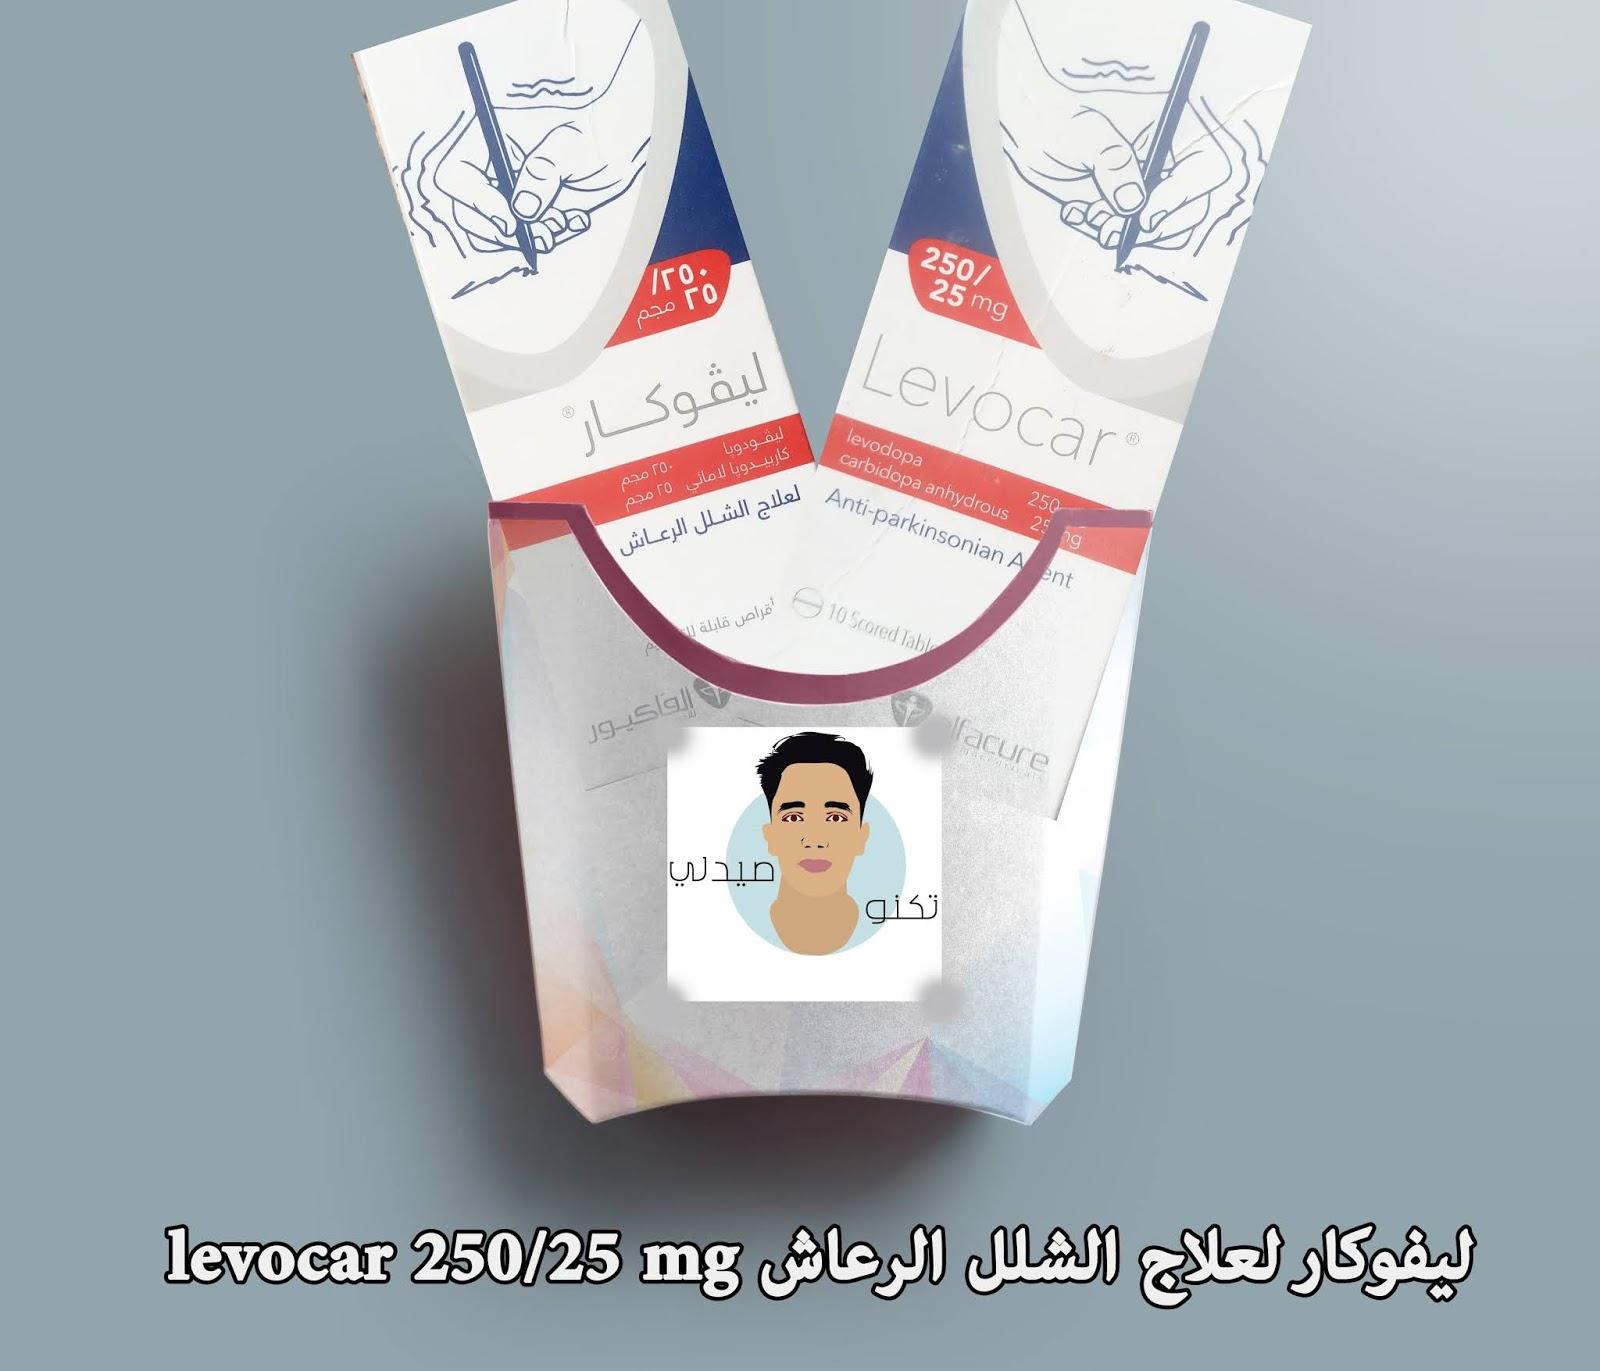 ليفوكار levocar 250/25 mg لعلاج الشلل الرعاش